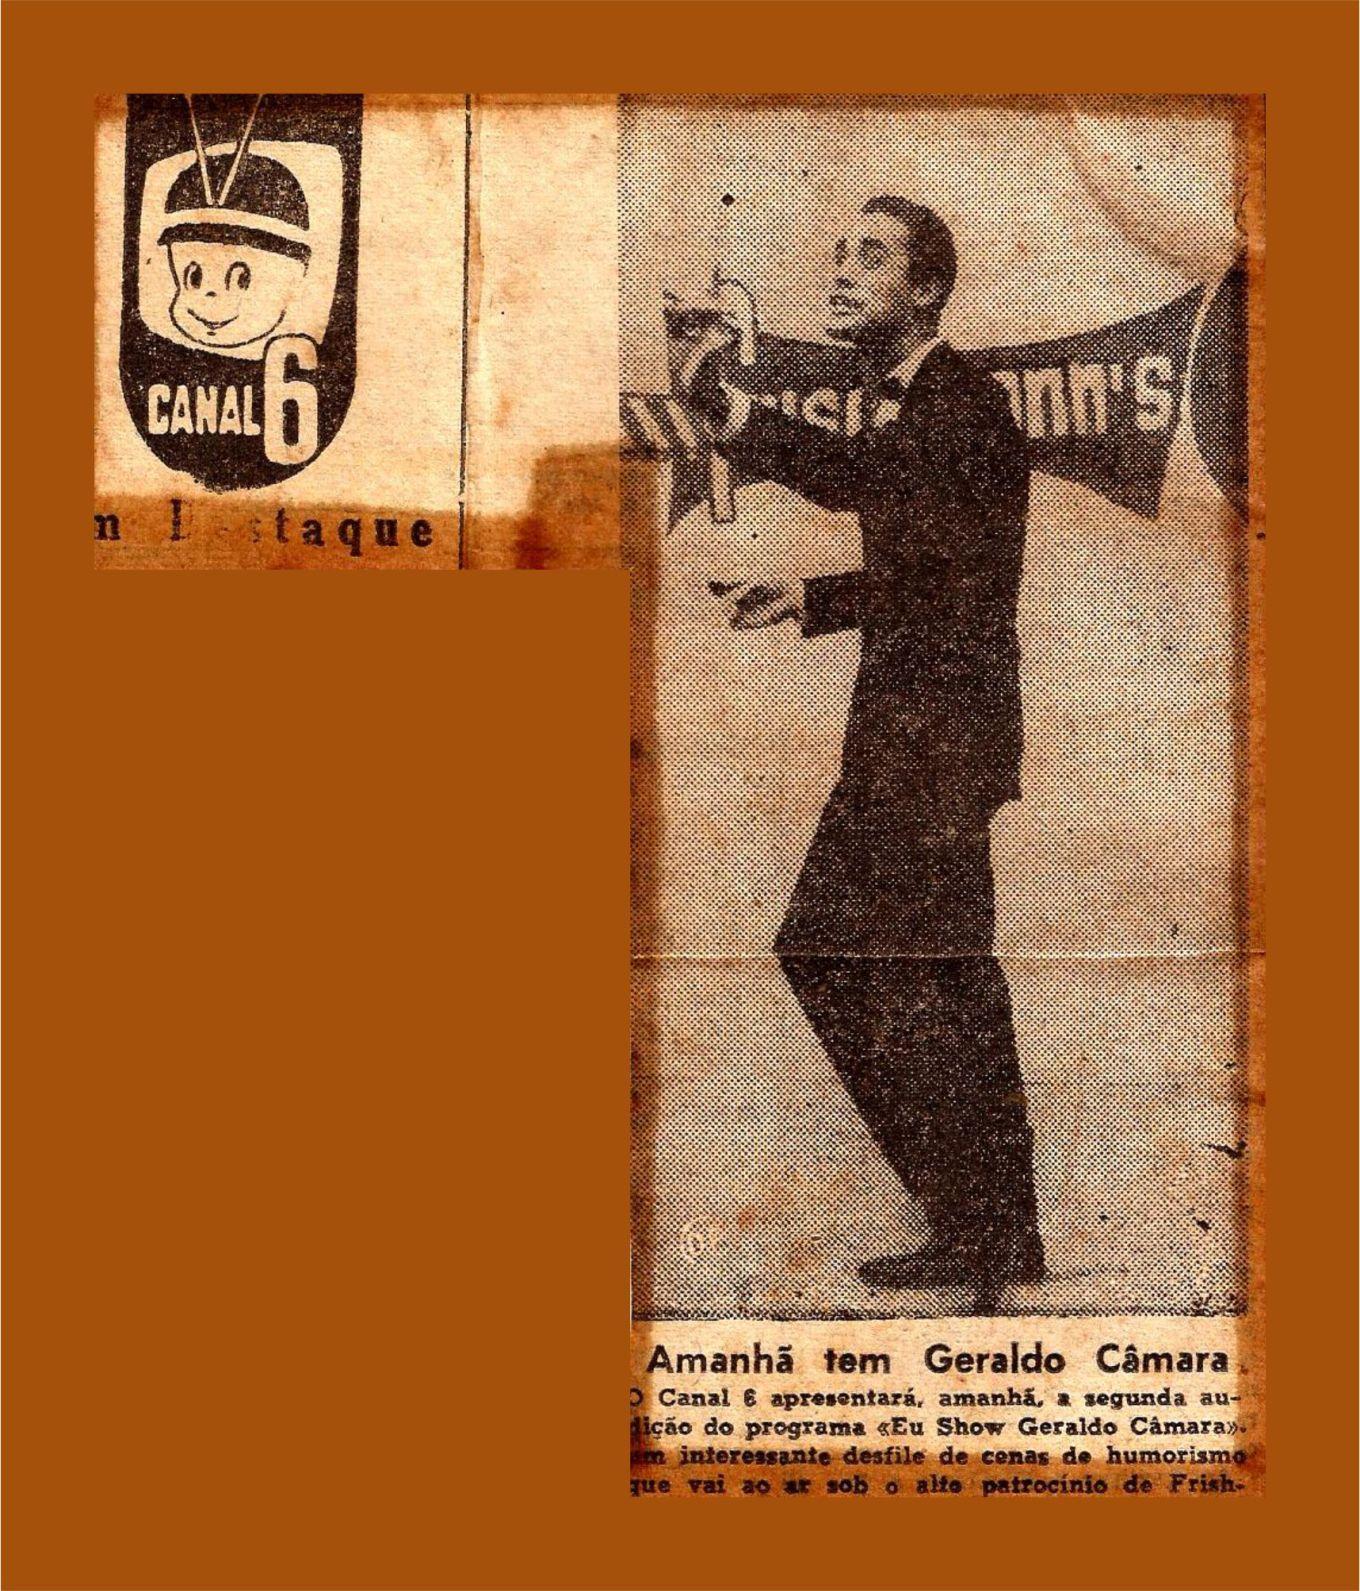 EU SHOW GERALDO CÂMARA